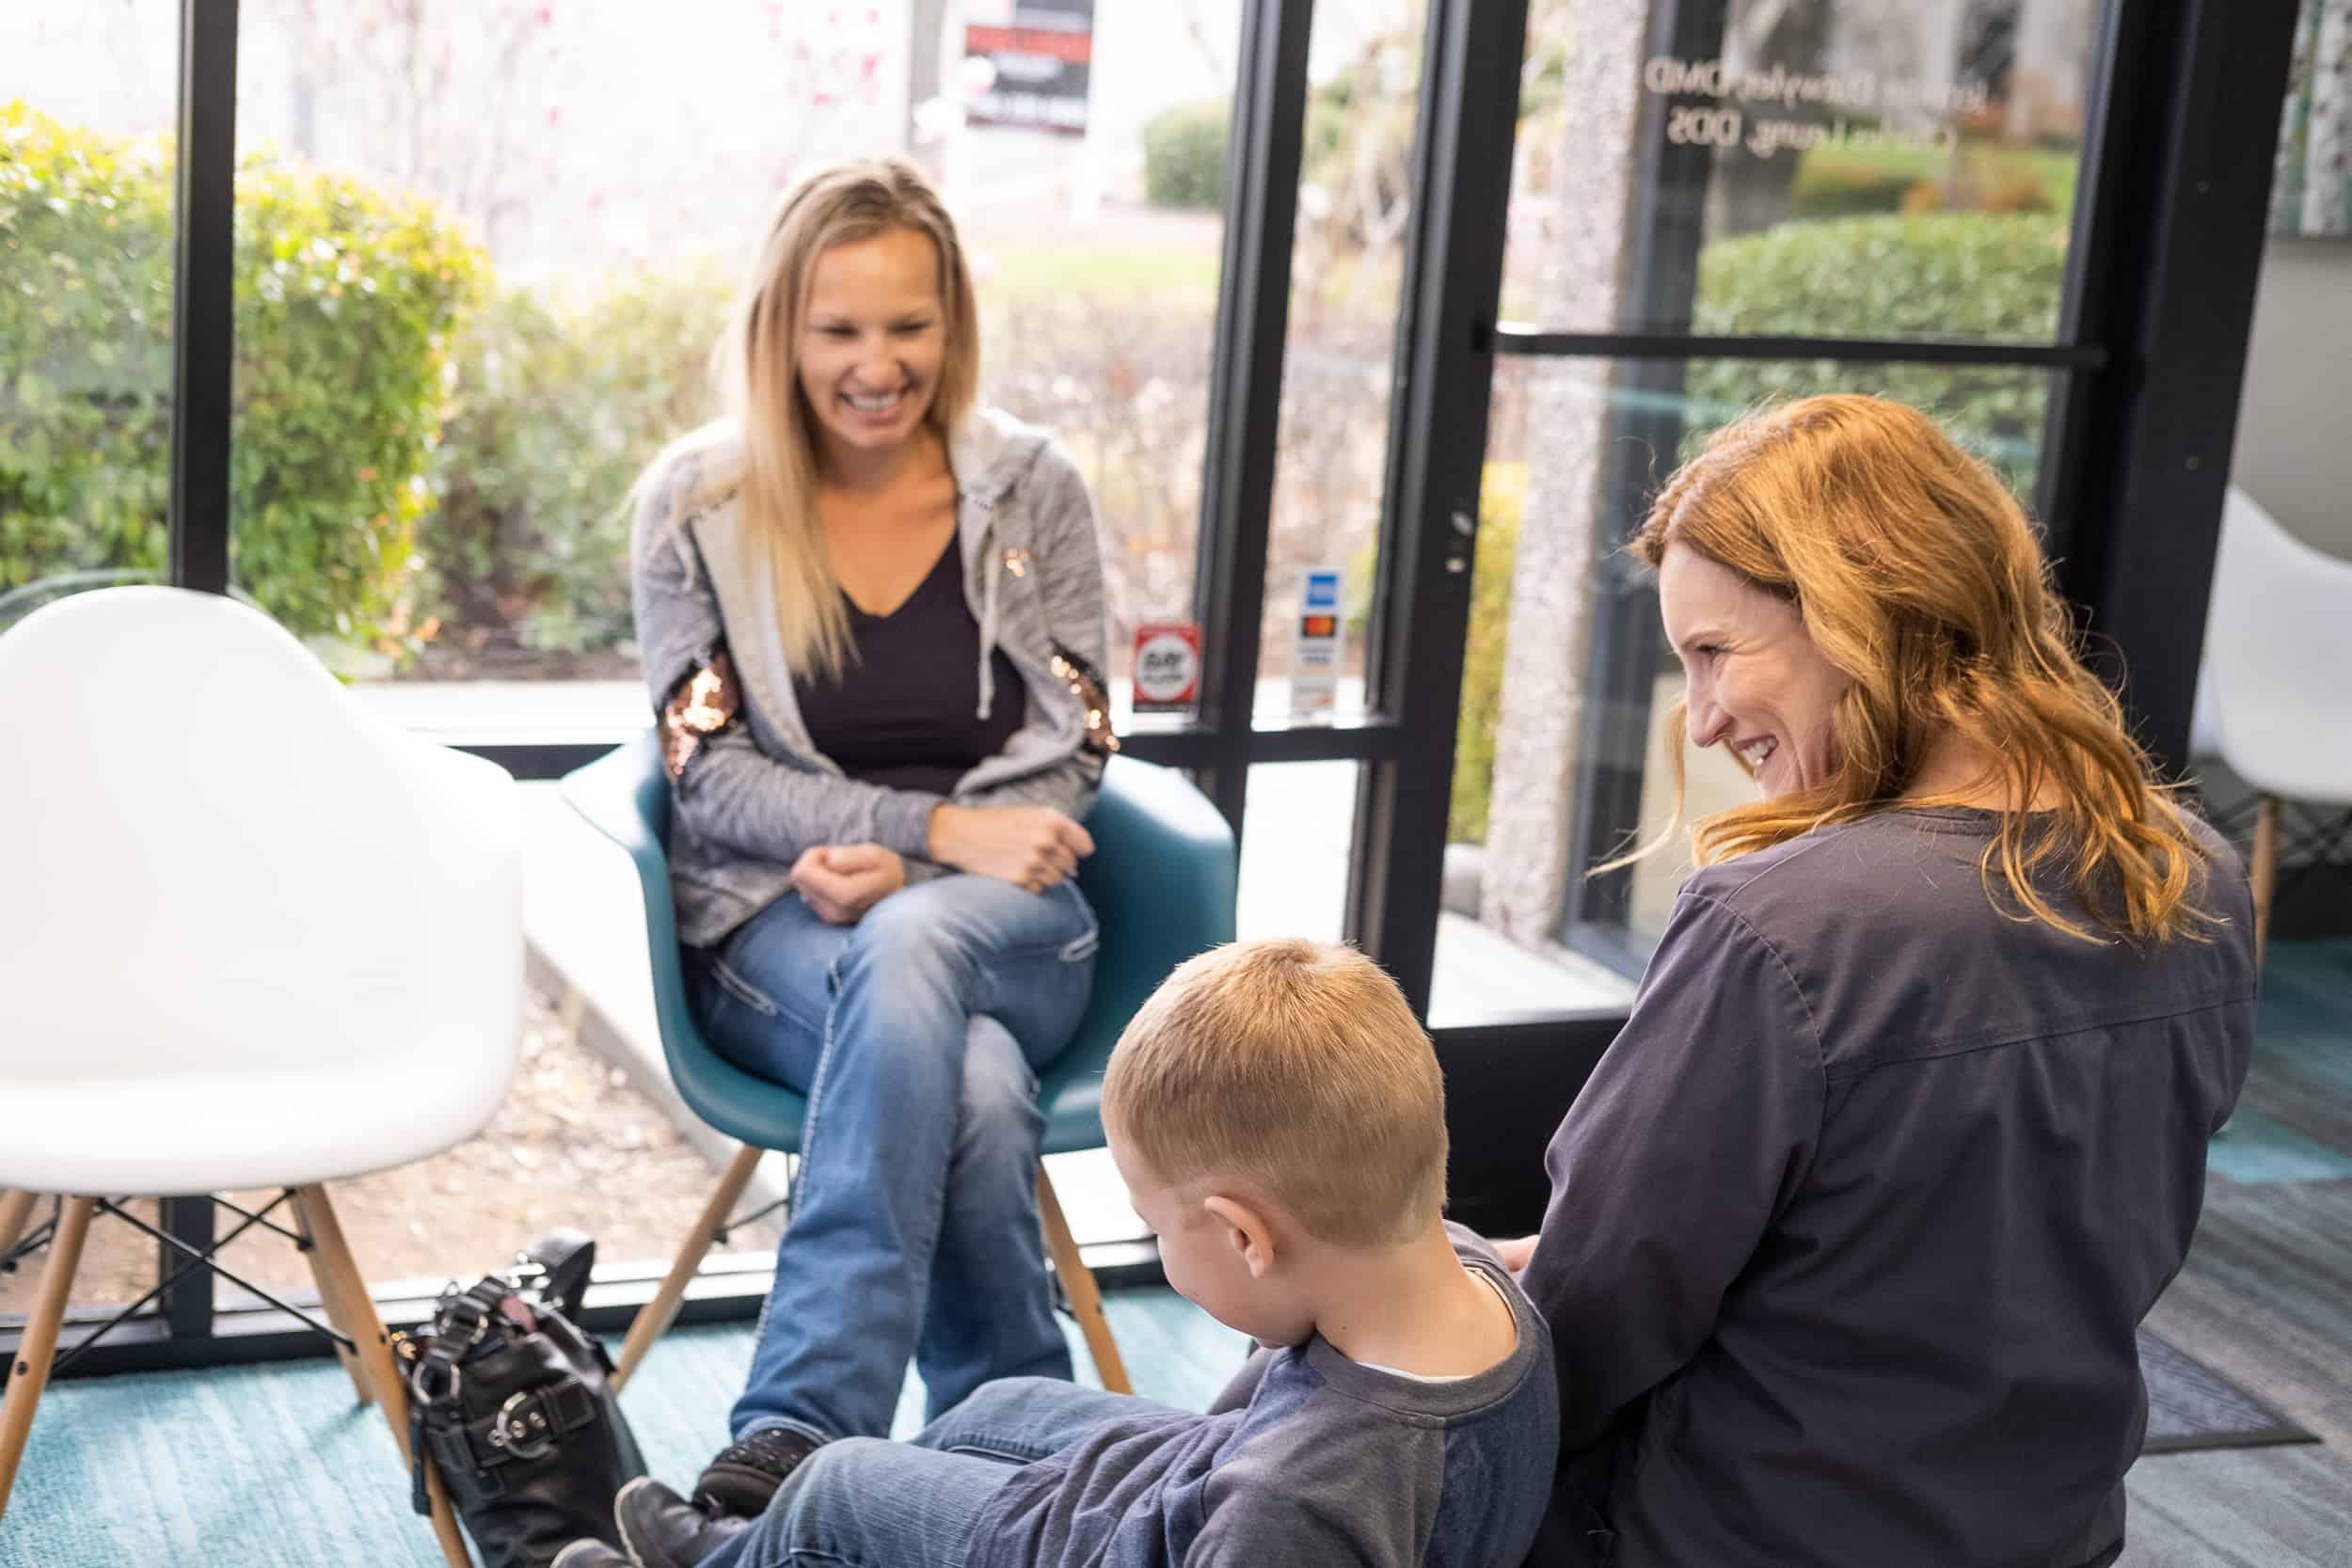 Doctors Magic Smiles Dentistry 2019 El Dorado Hills California Dentist 16 - Common Dental Questions